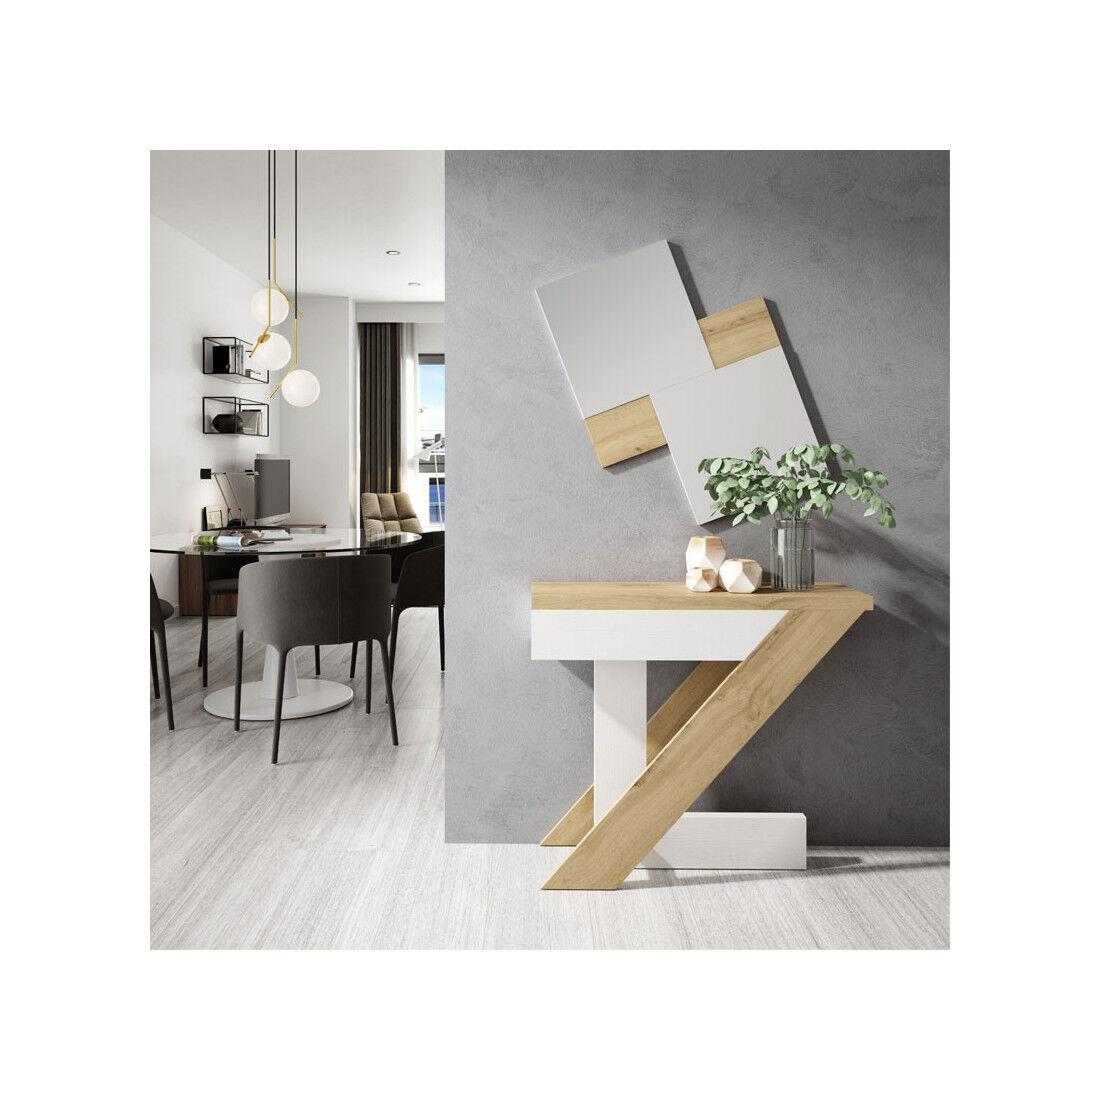 GALLEGO SANCHEZ Meuble d'entrée Chêne blond/Bois blanc + miroir - LONELY - L 87.5 x l 29 x H 75.6